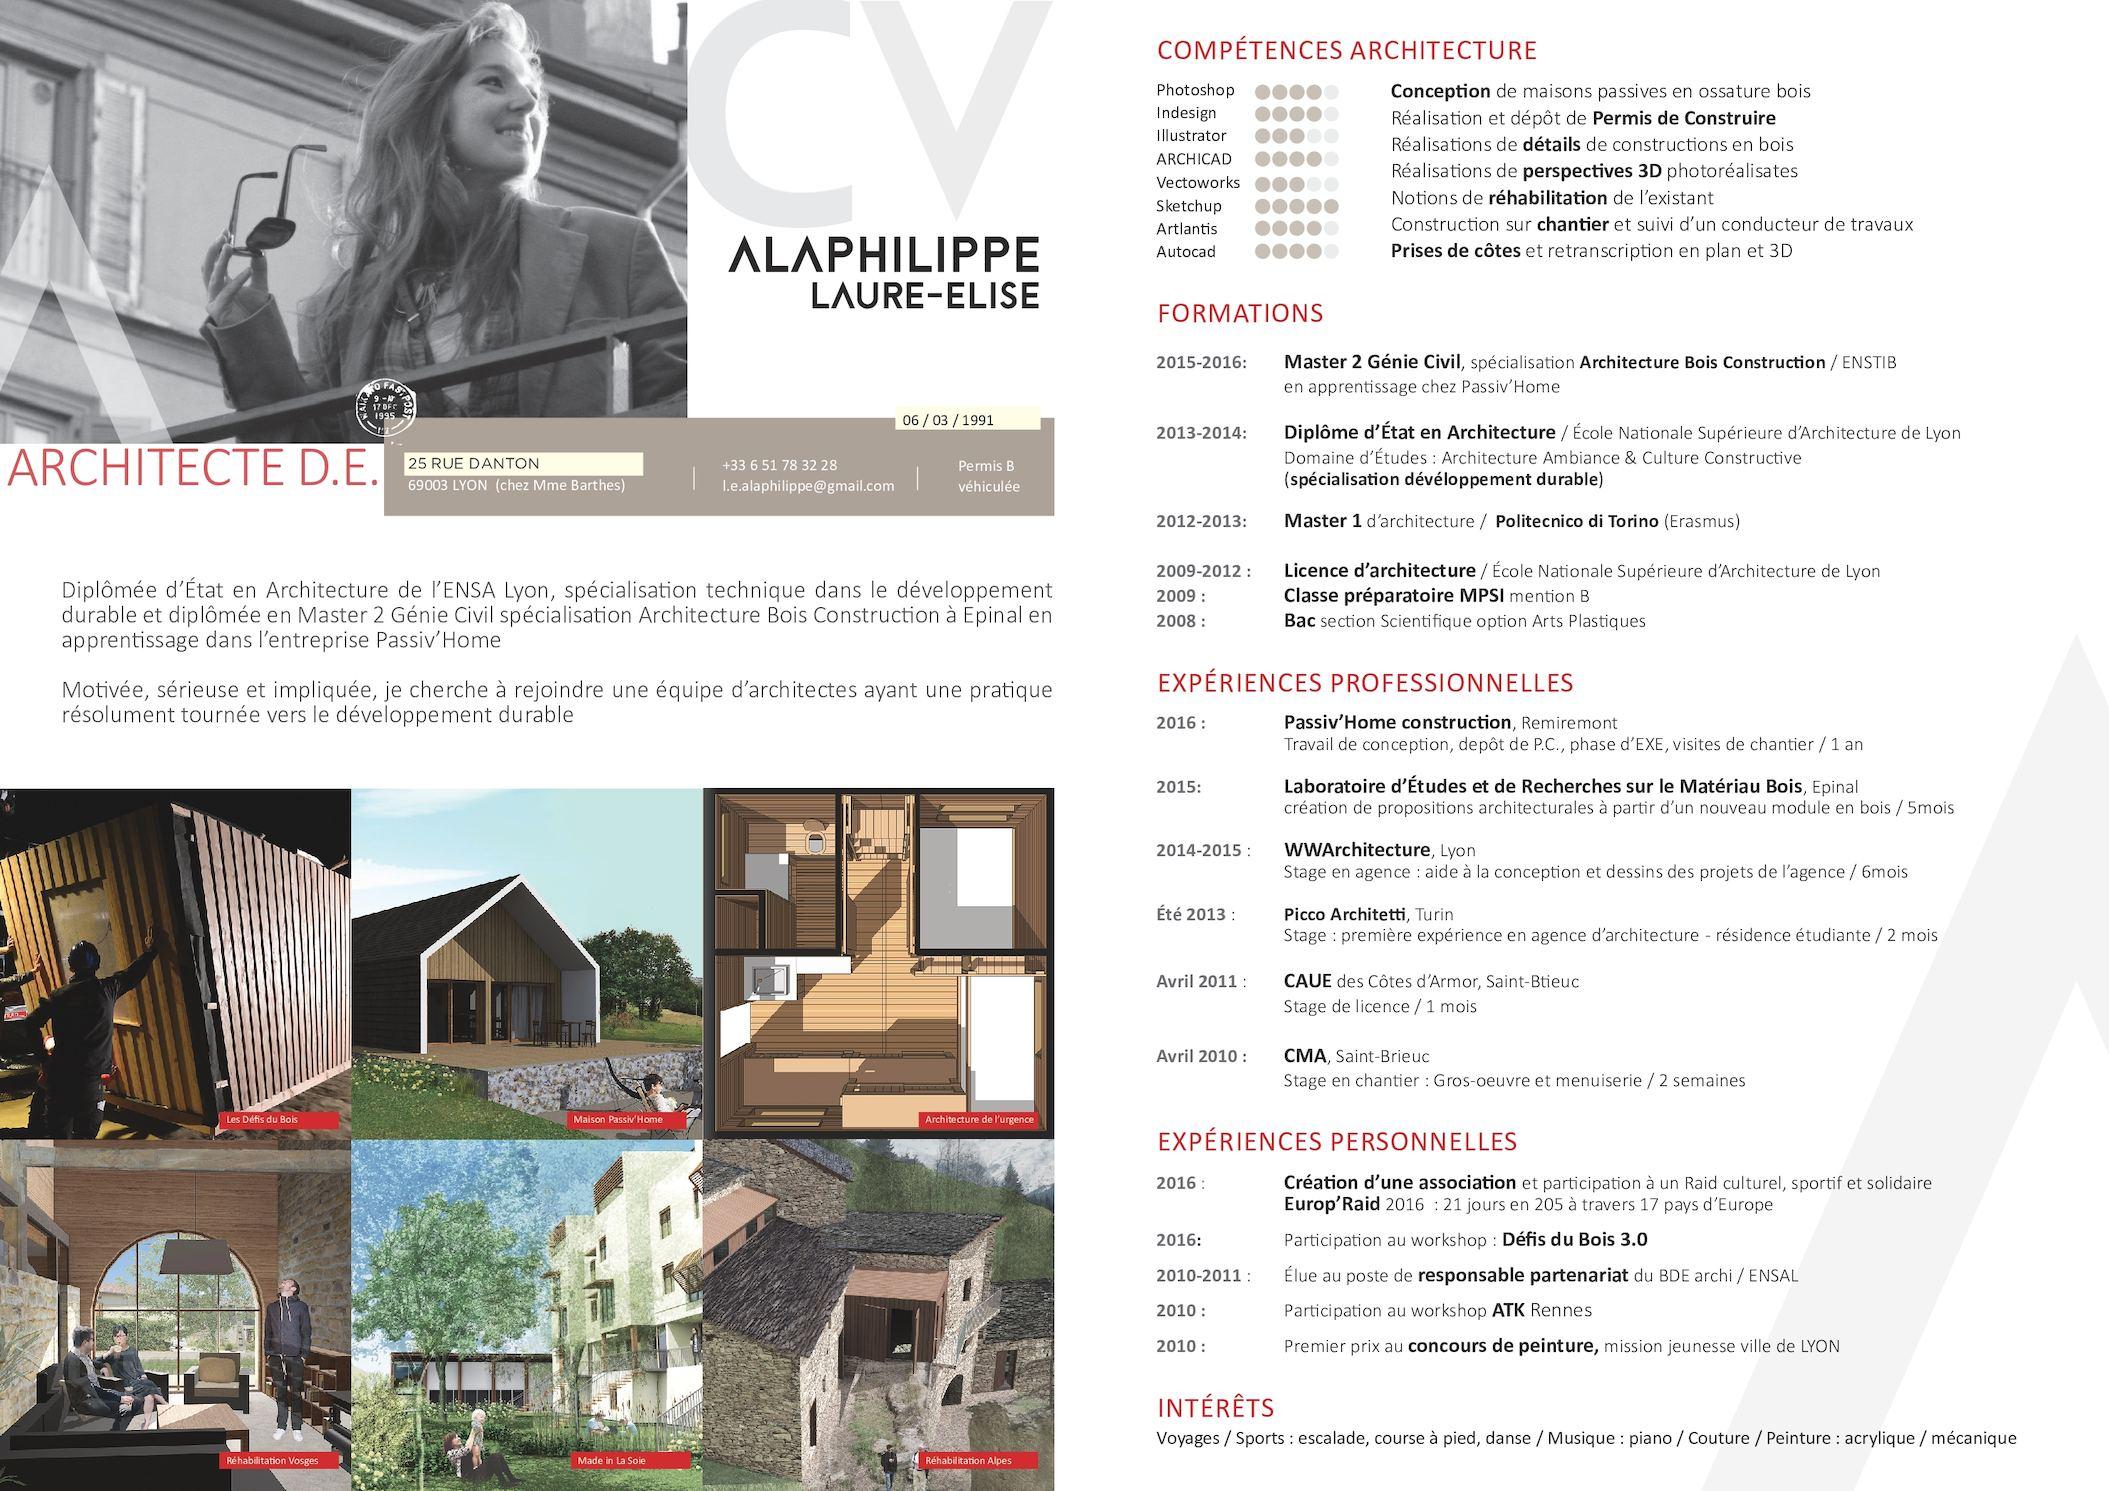 calam o cv laure elise alaphilippe. Black Bedroom Furniture Sets. Home Design Ideas